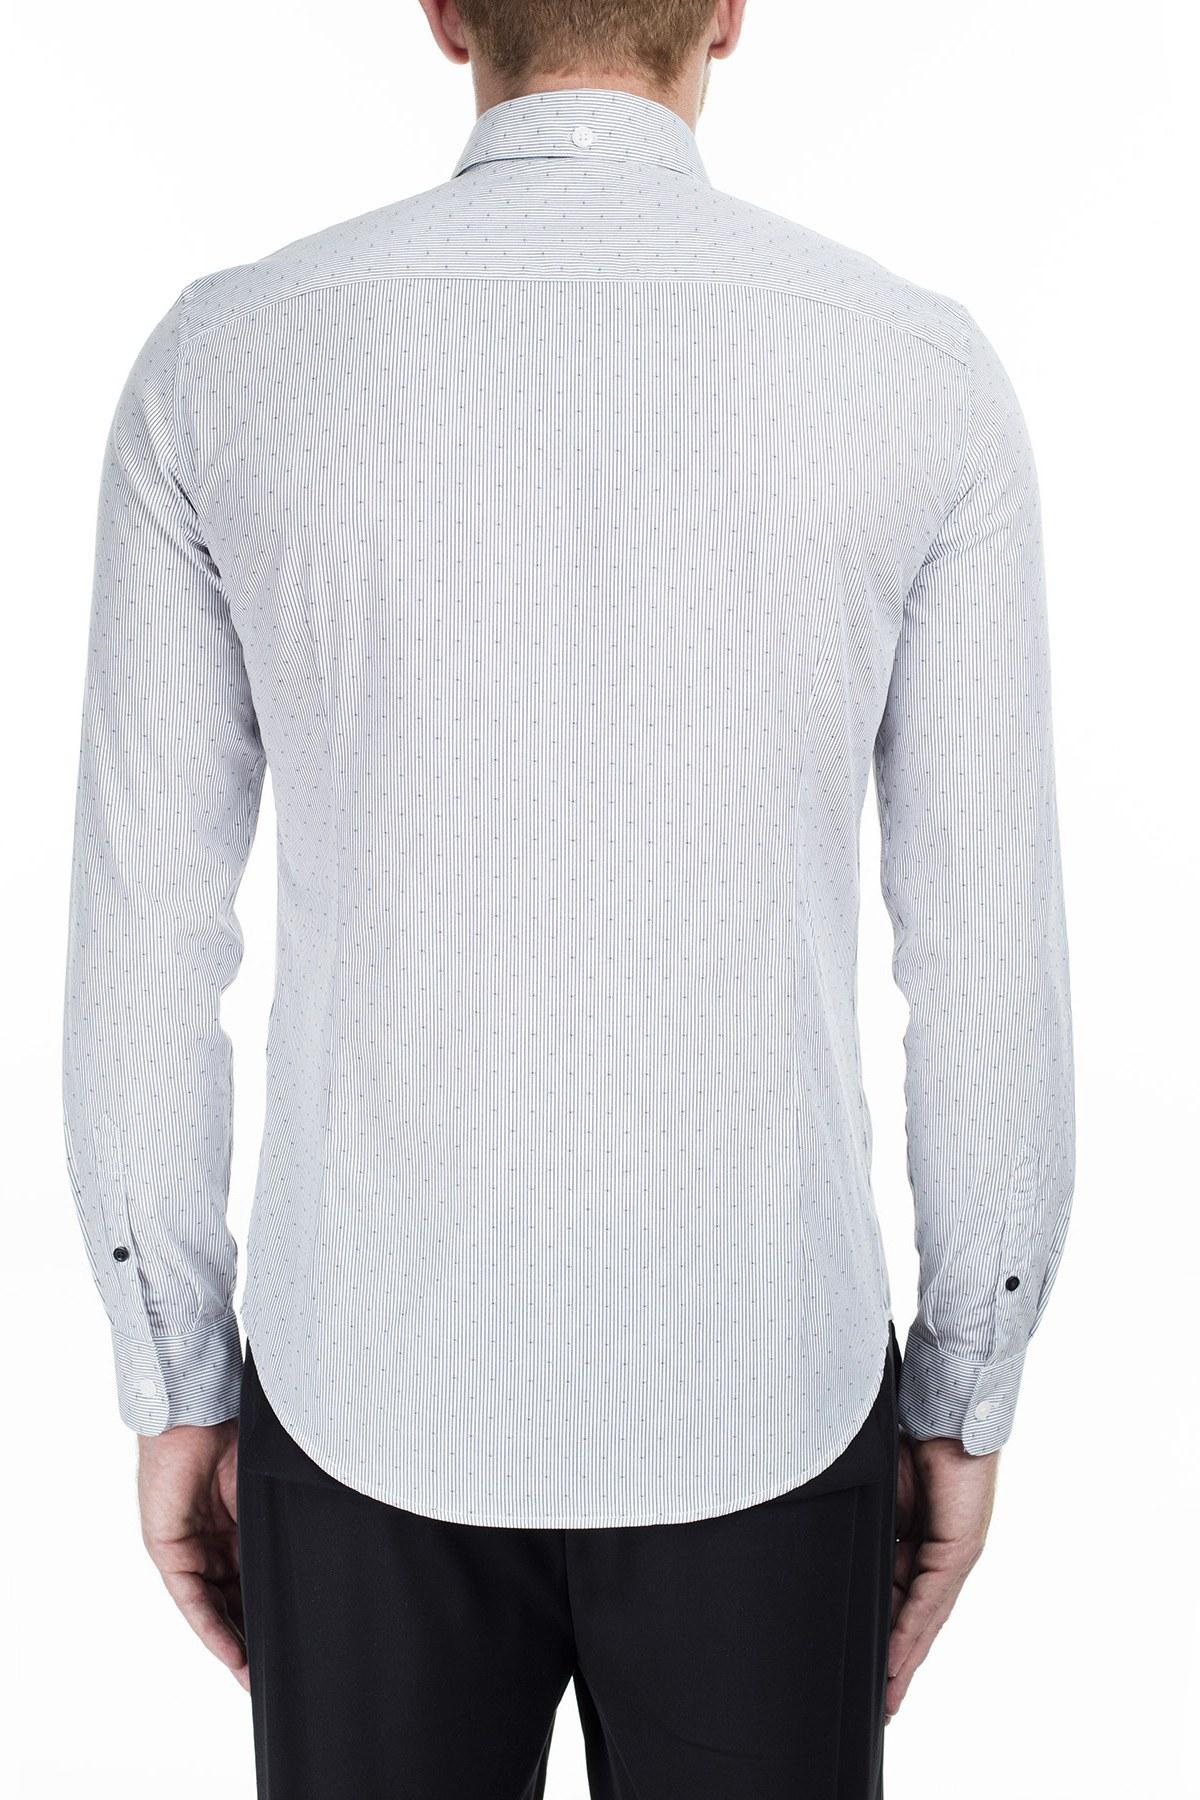 Armani Exchange Erkek Gömlek 6GZC14 ZNMDZ 6166 AÇIK GRİ